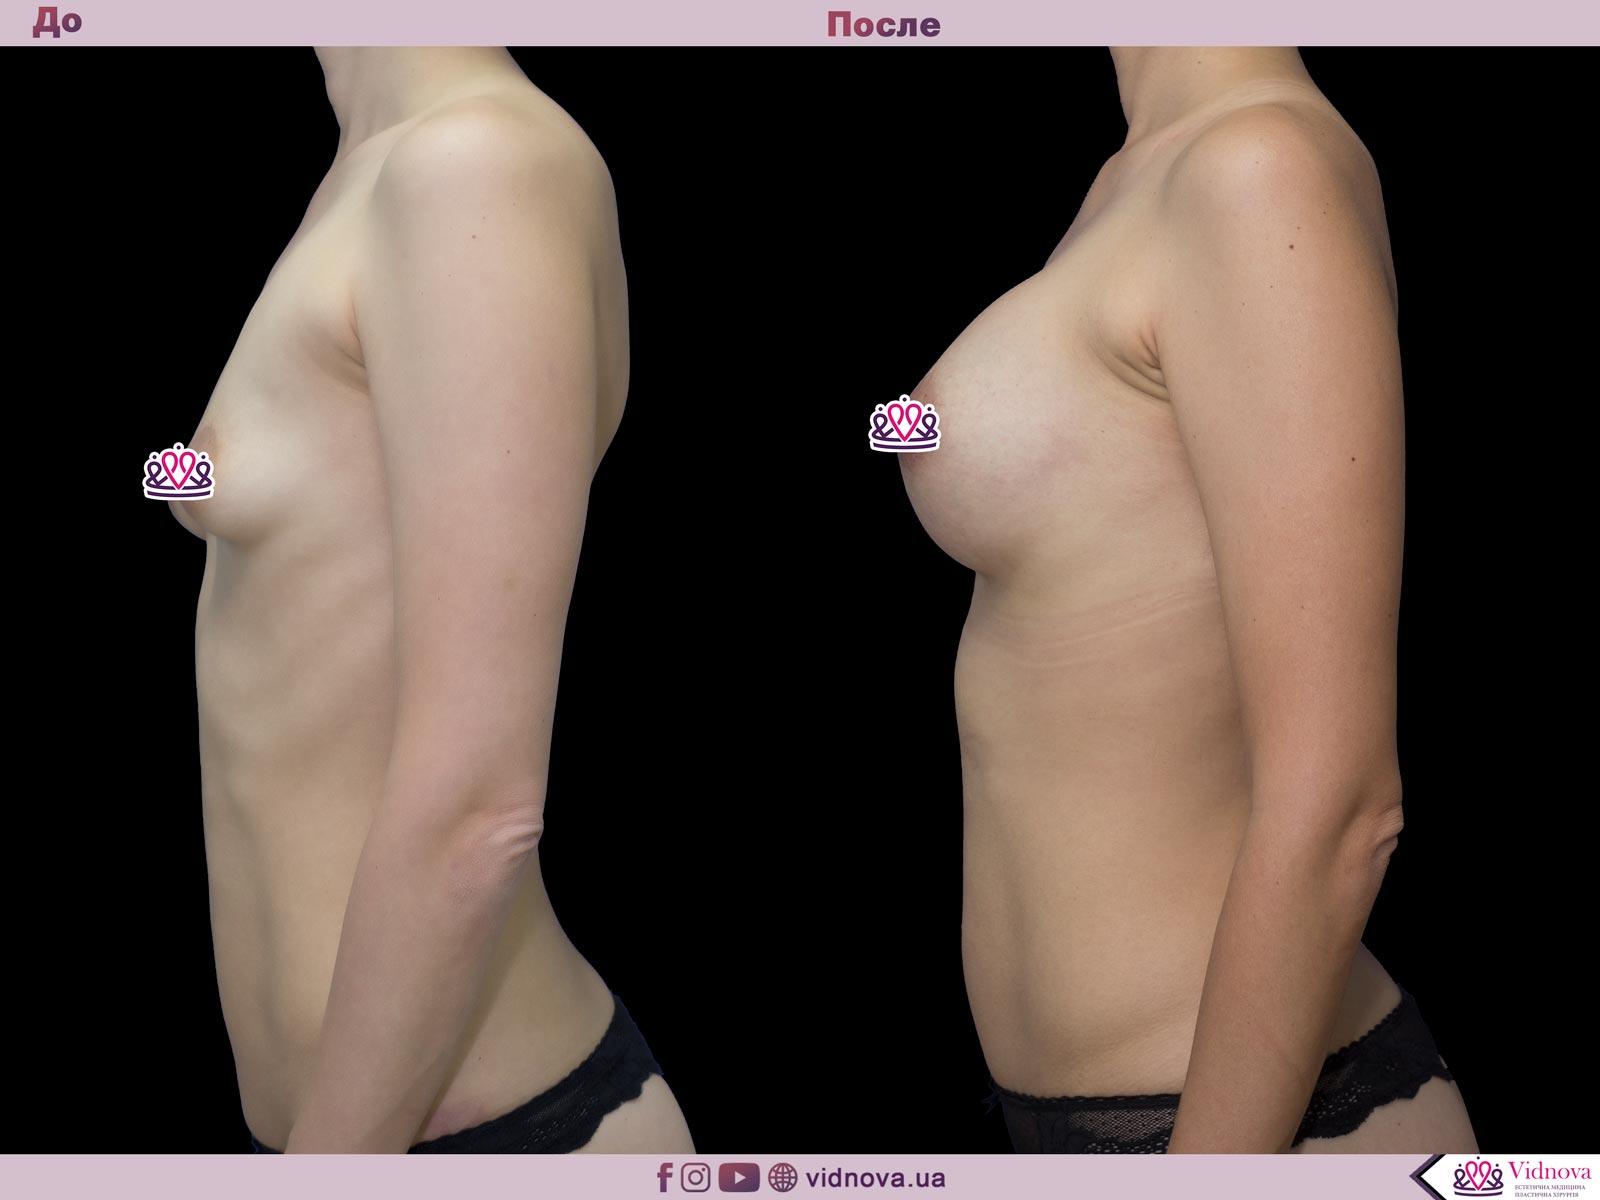 Пластика груди: результаты до и после - Пример №49-2 - Светлана Работенко